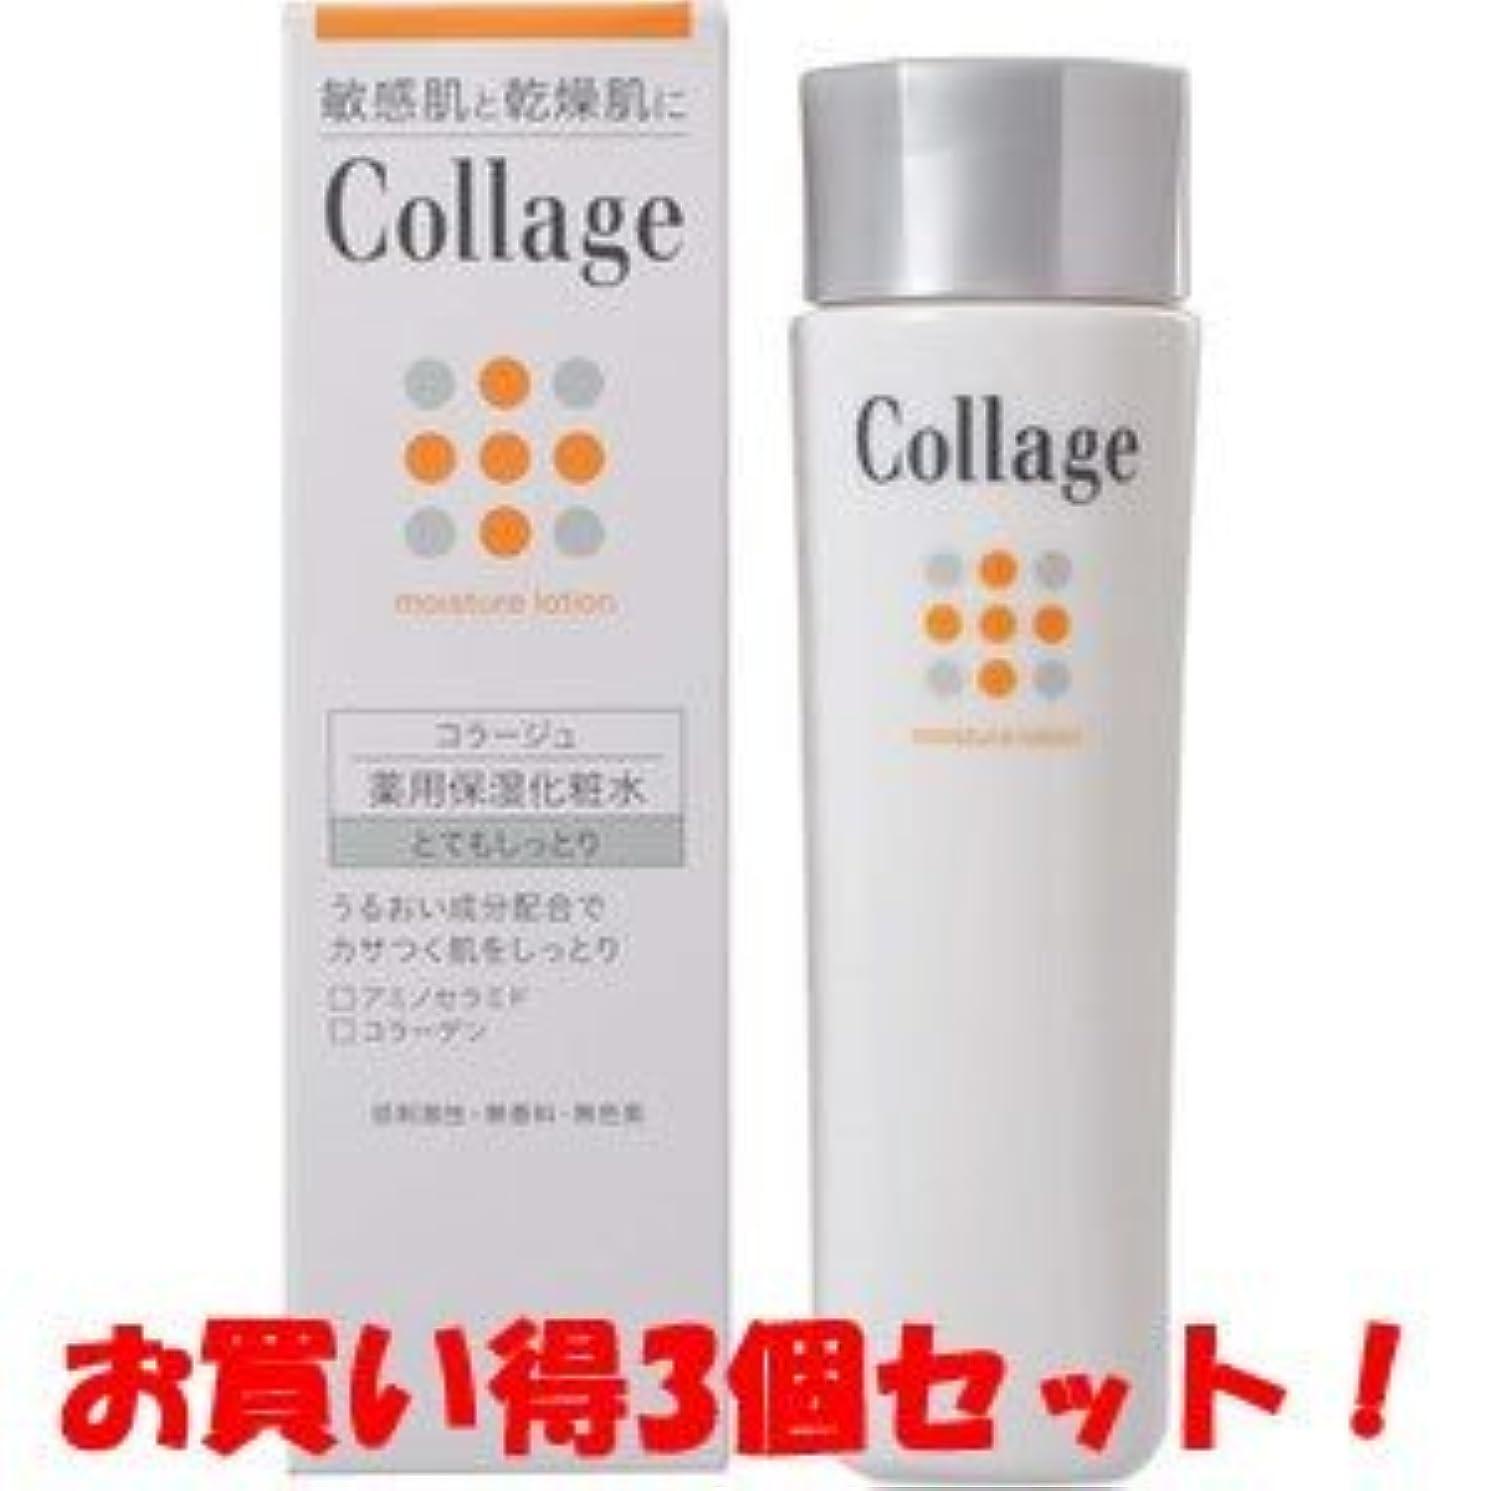 永久にの量アシスト(持田ヘルスケア)コラージュ 薬用保湿化粧水 とてもしっとり 120ml(医薬部外品)(お買い得3個セット)